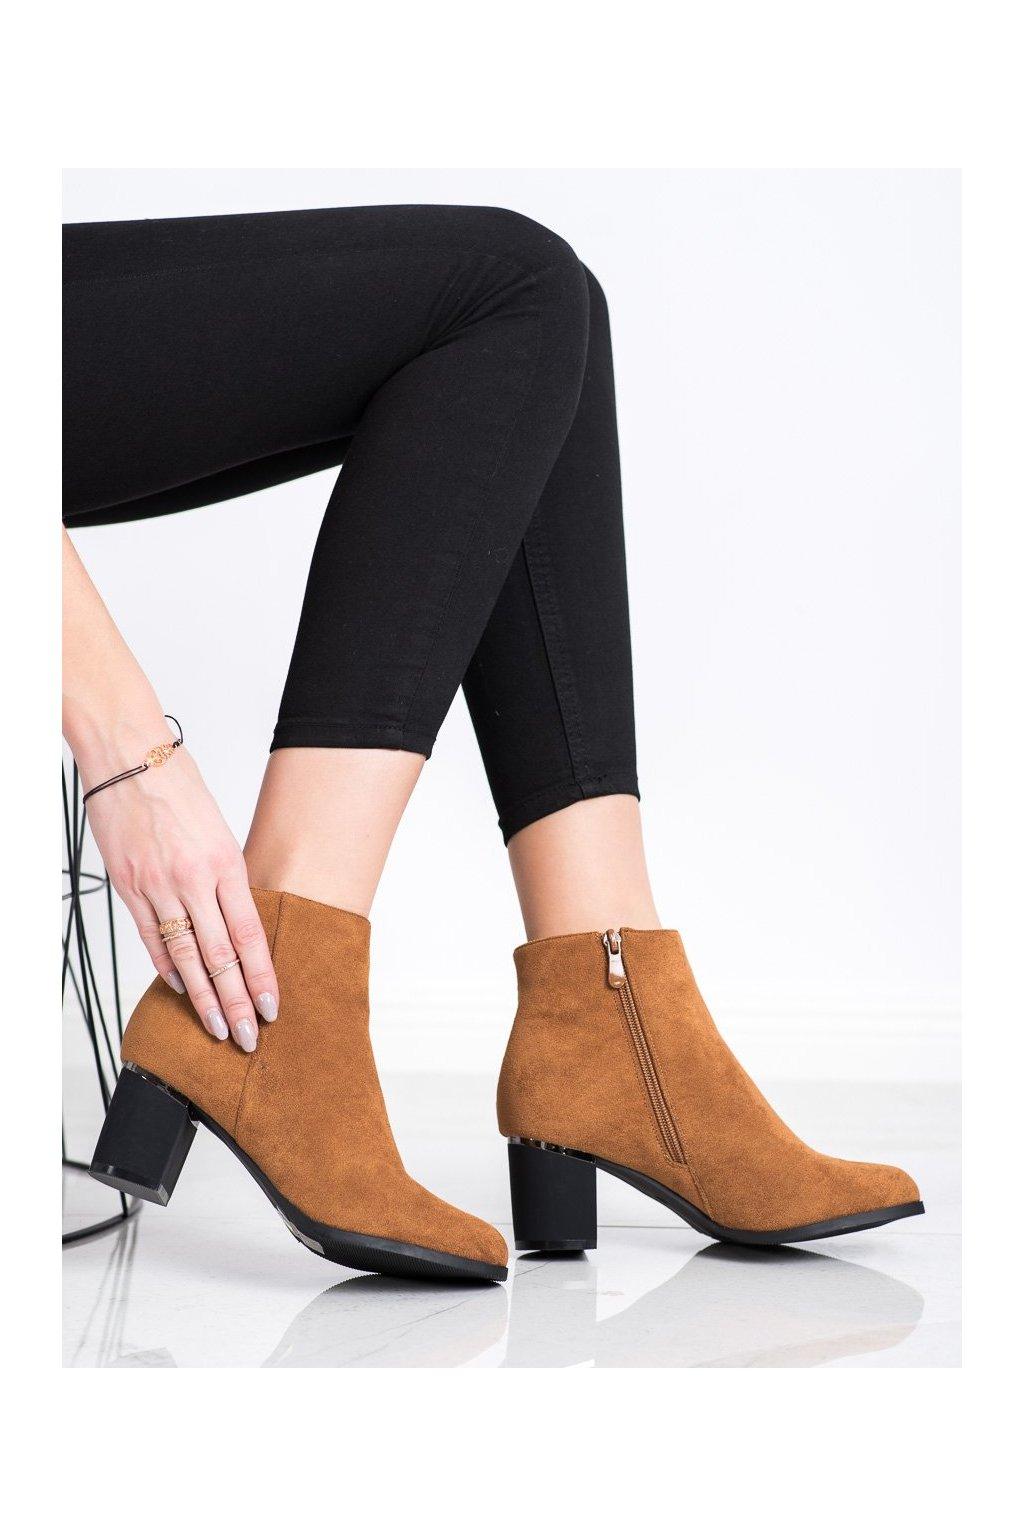 Hnedé dámske topánky Shelovet kod H20570C